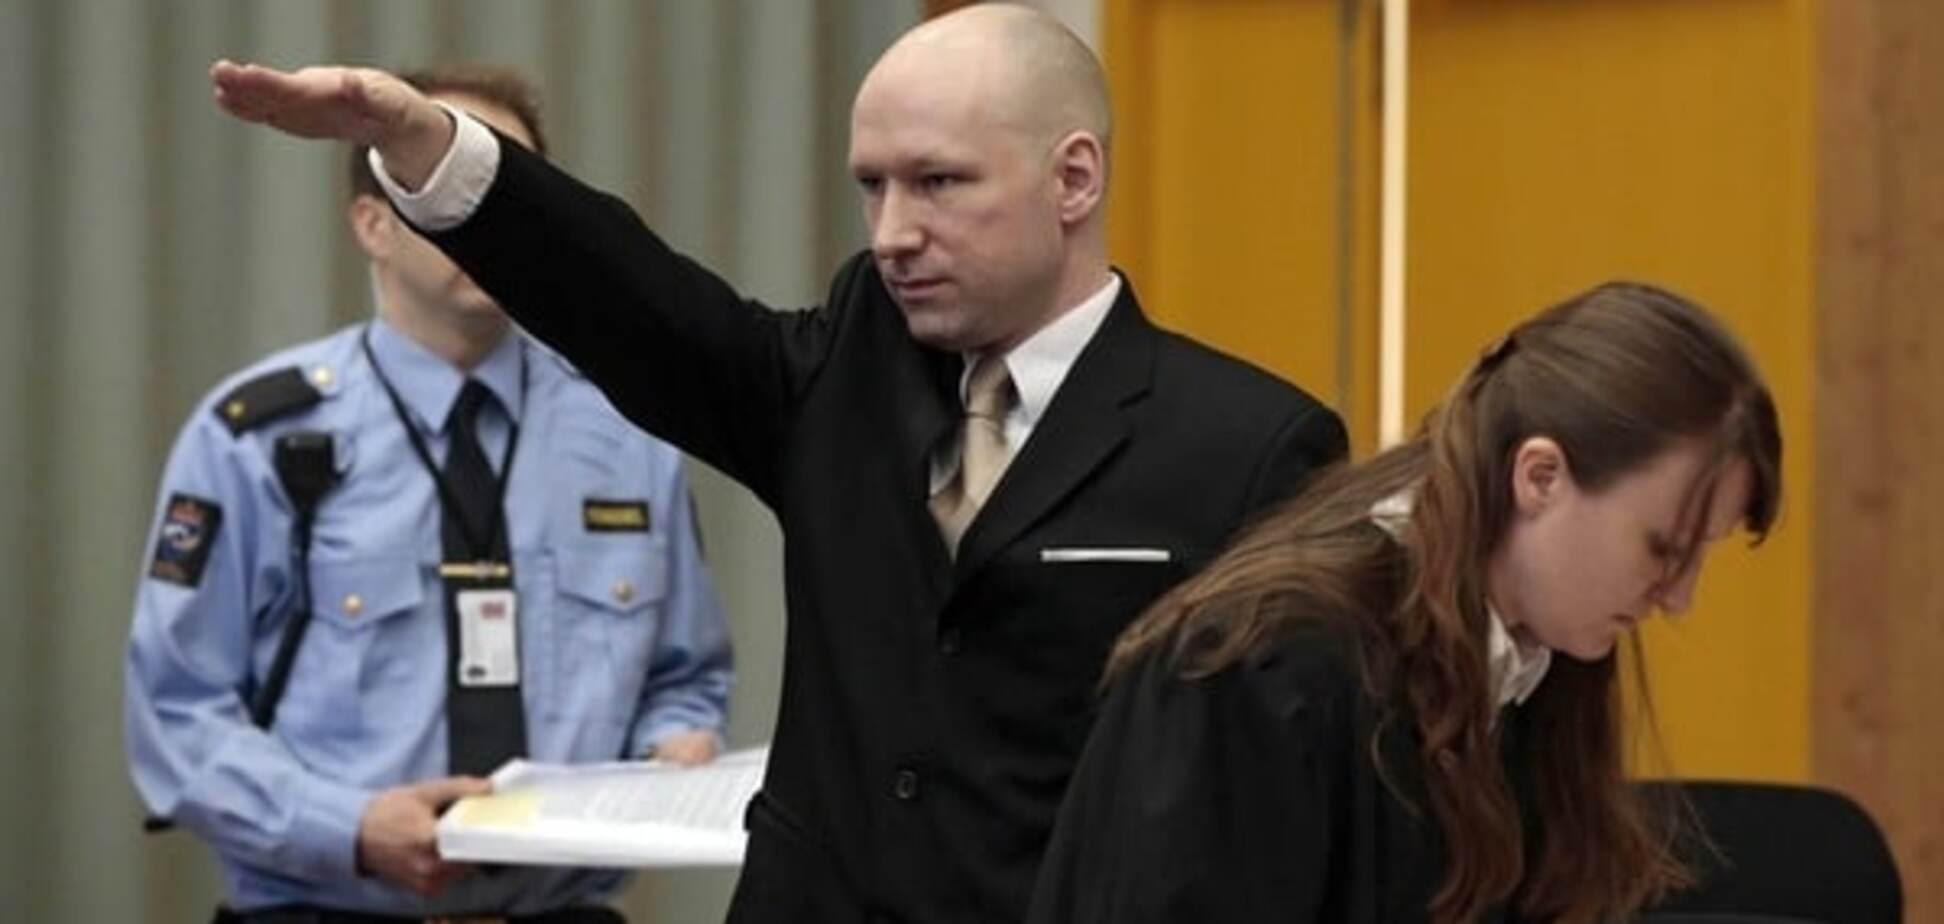 Убивший 77 человек Брейвик на суде 'зиганул' в защиту прав человека